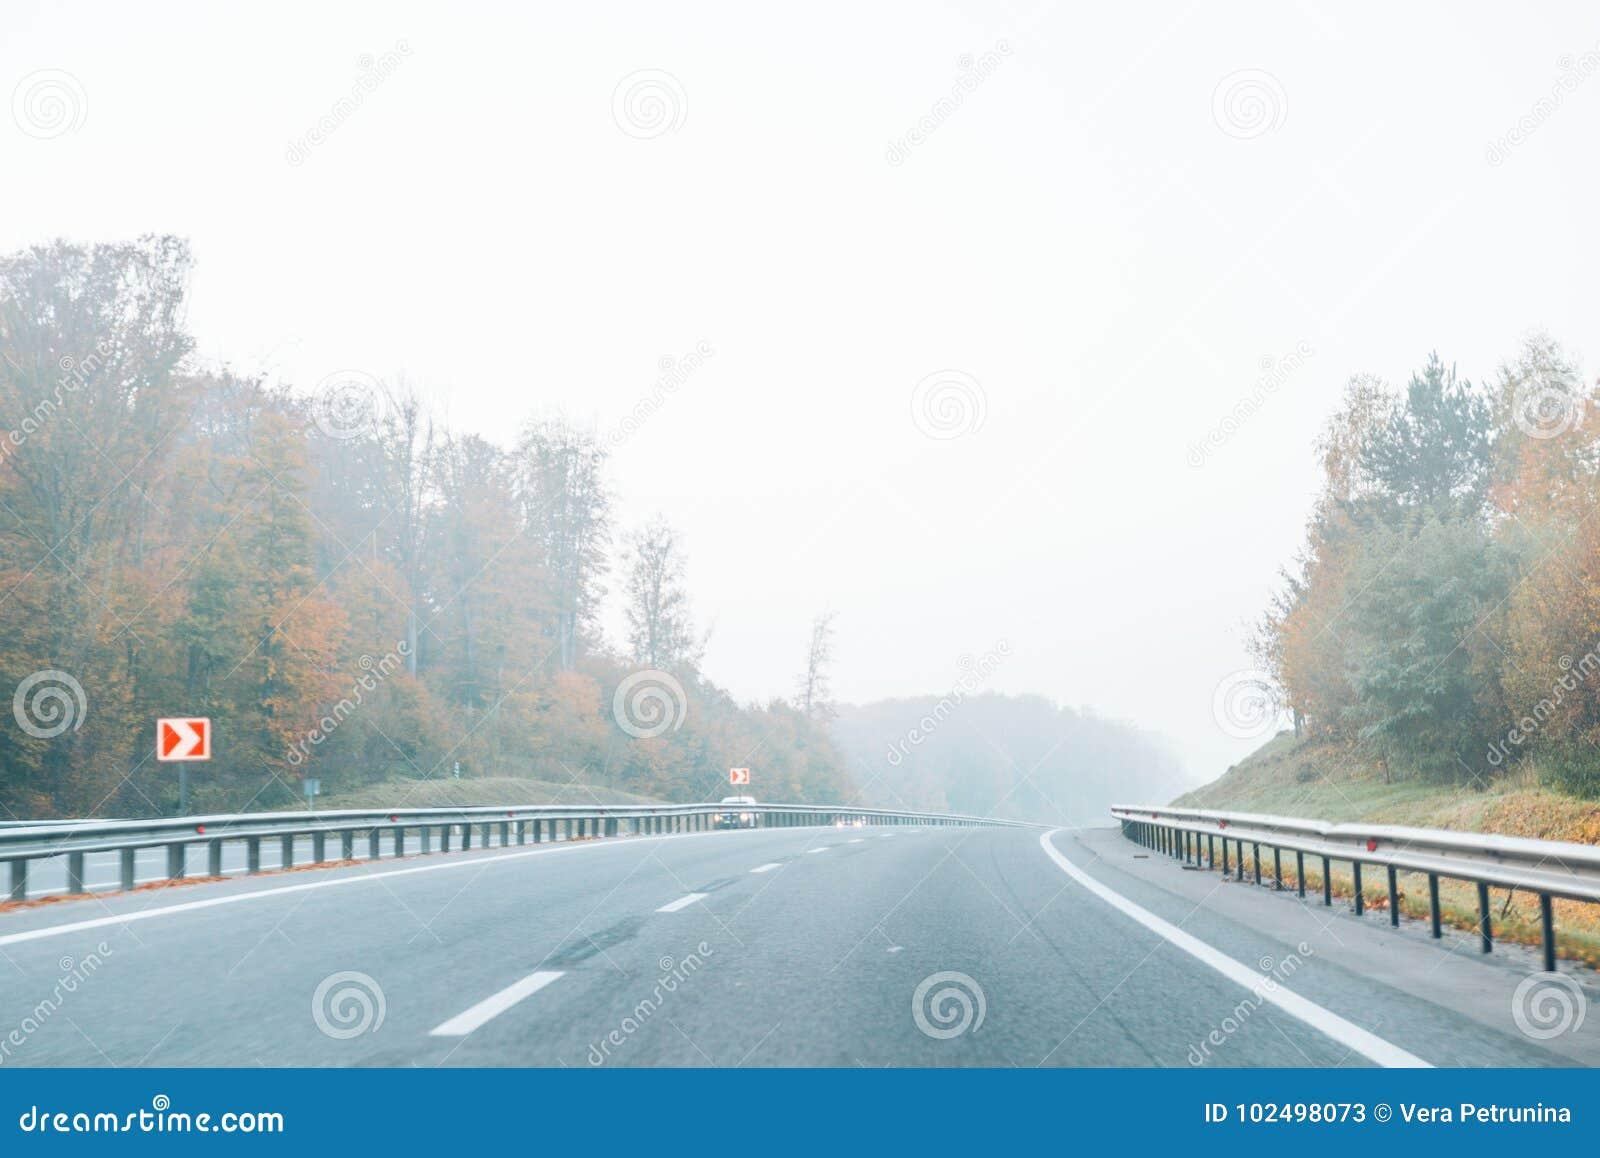 Estrada com névoa na estrada